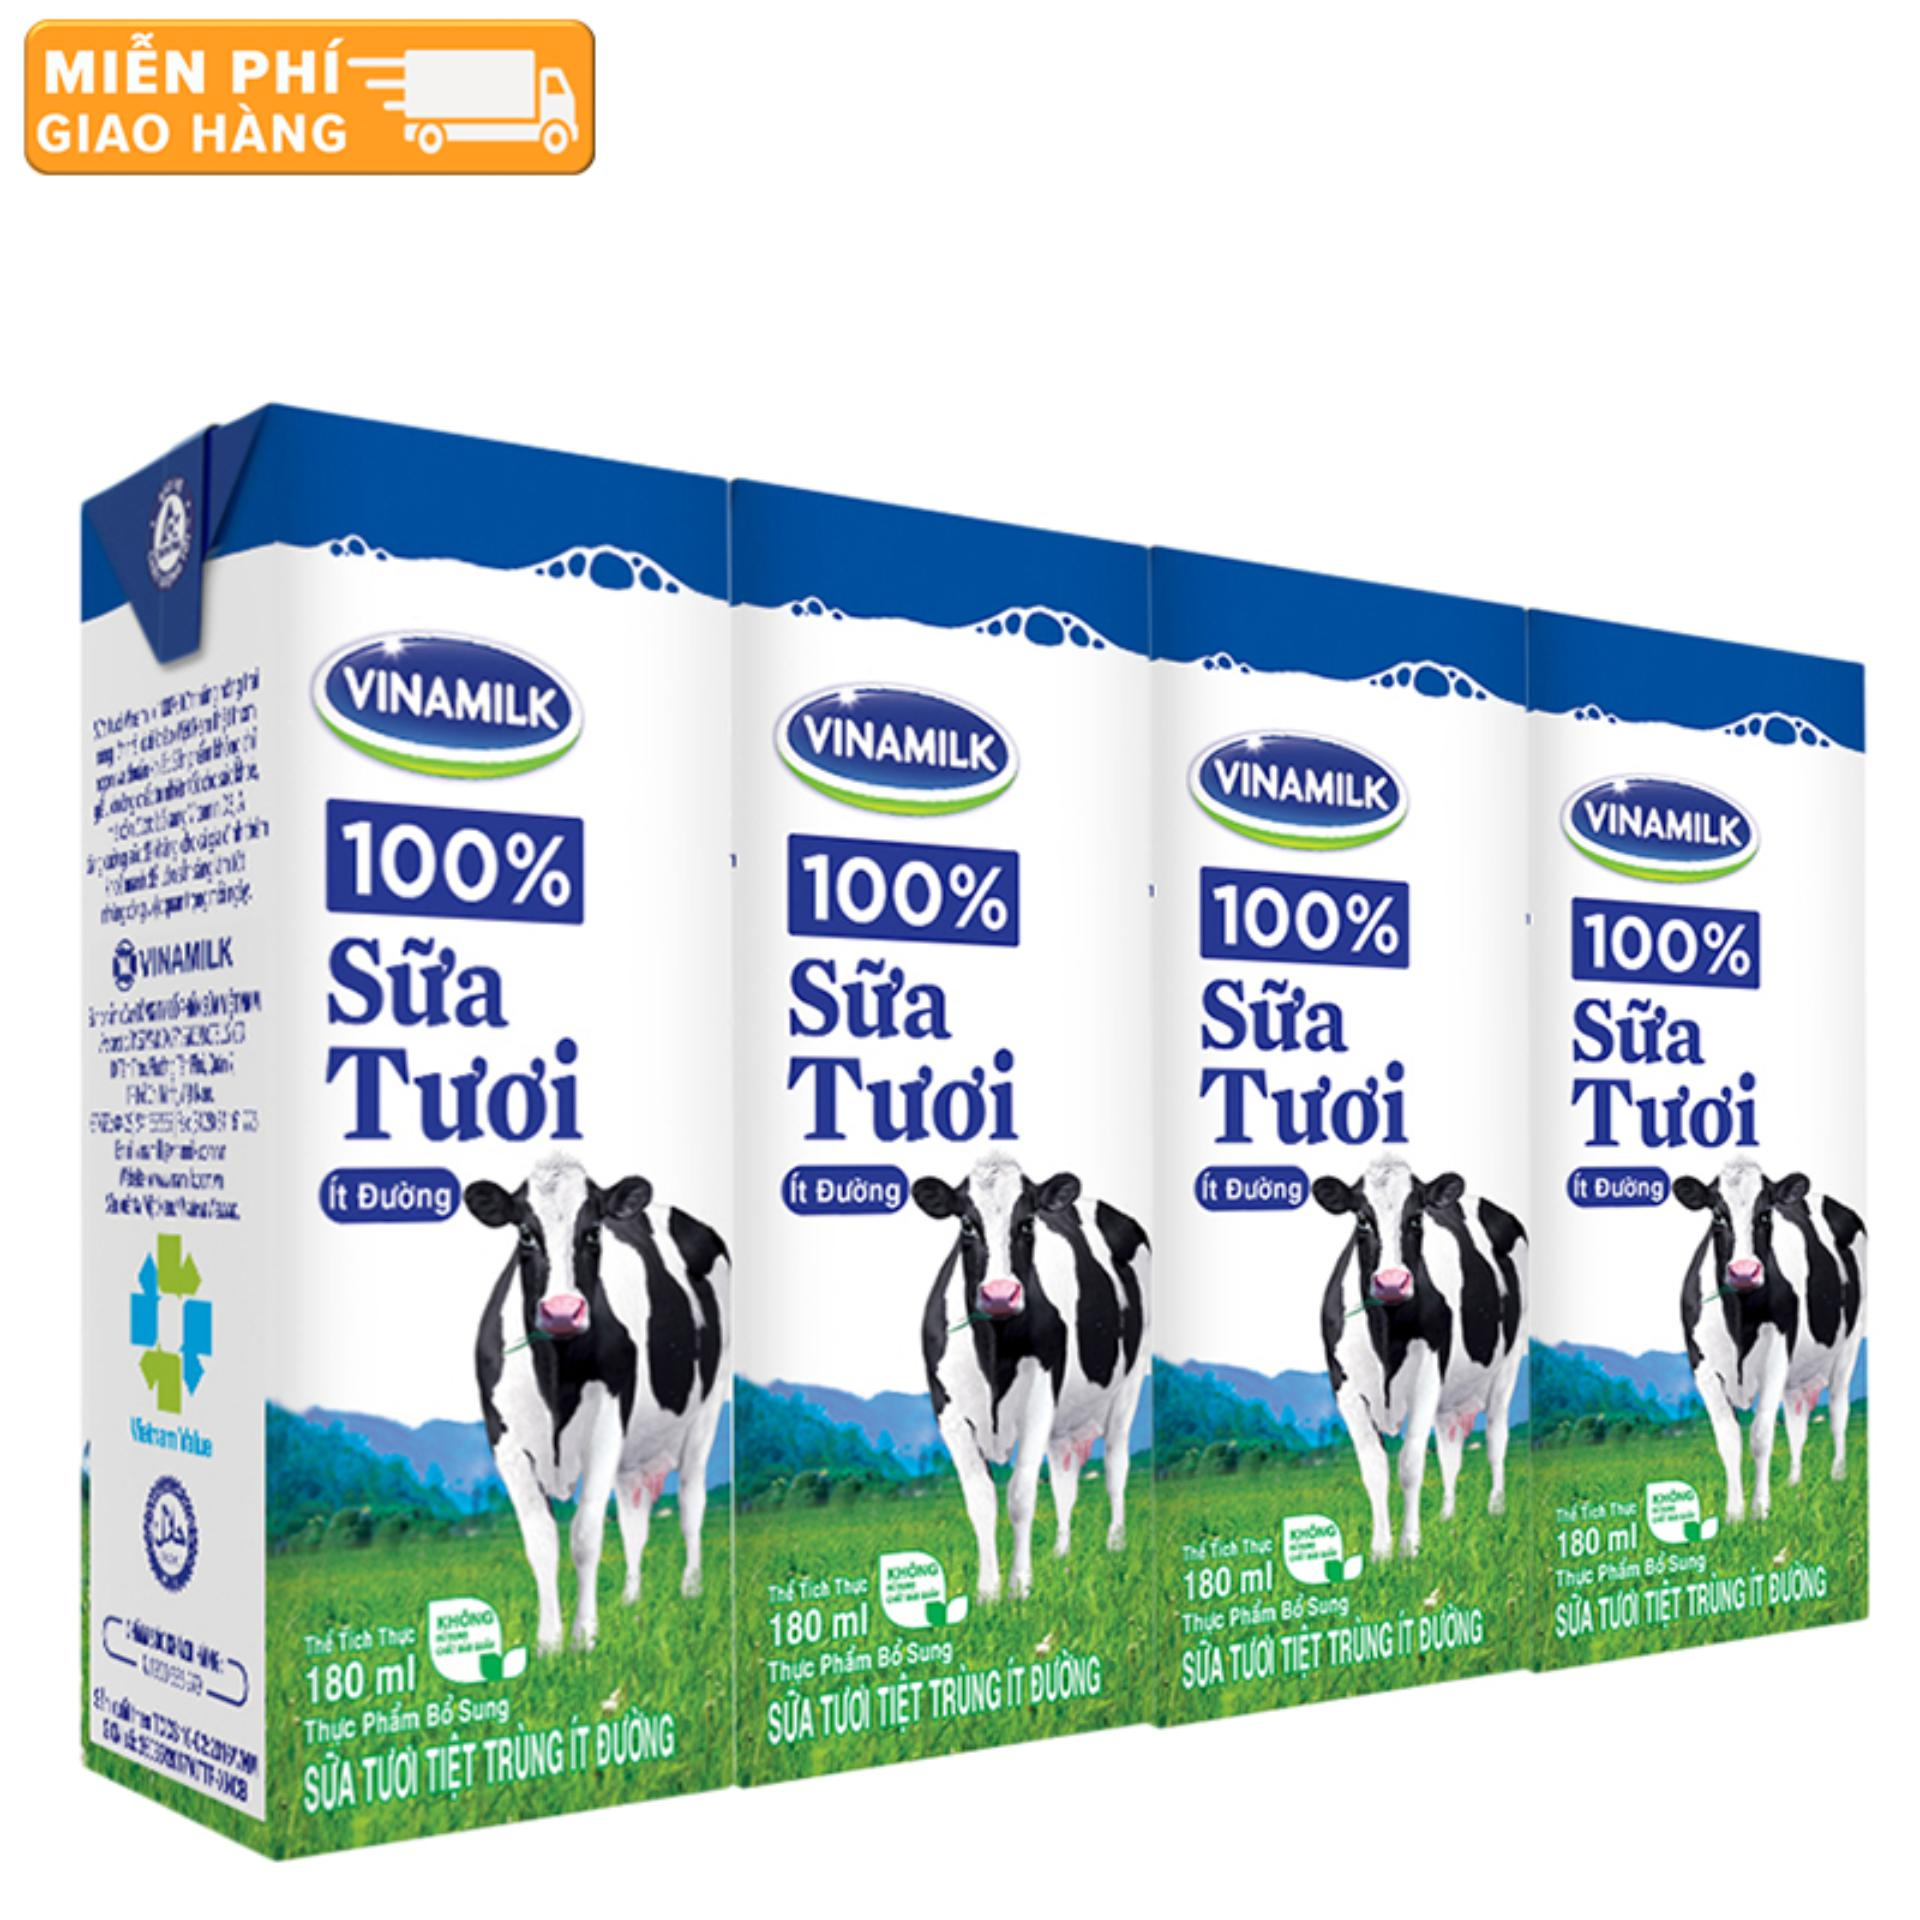 Thùng 48 Hộp Sữa tươi tiệt trùng Vinamilk 100% Ít Đường 180ml